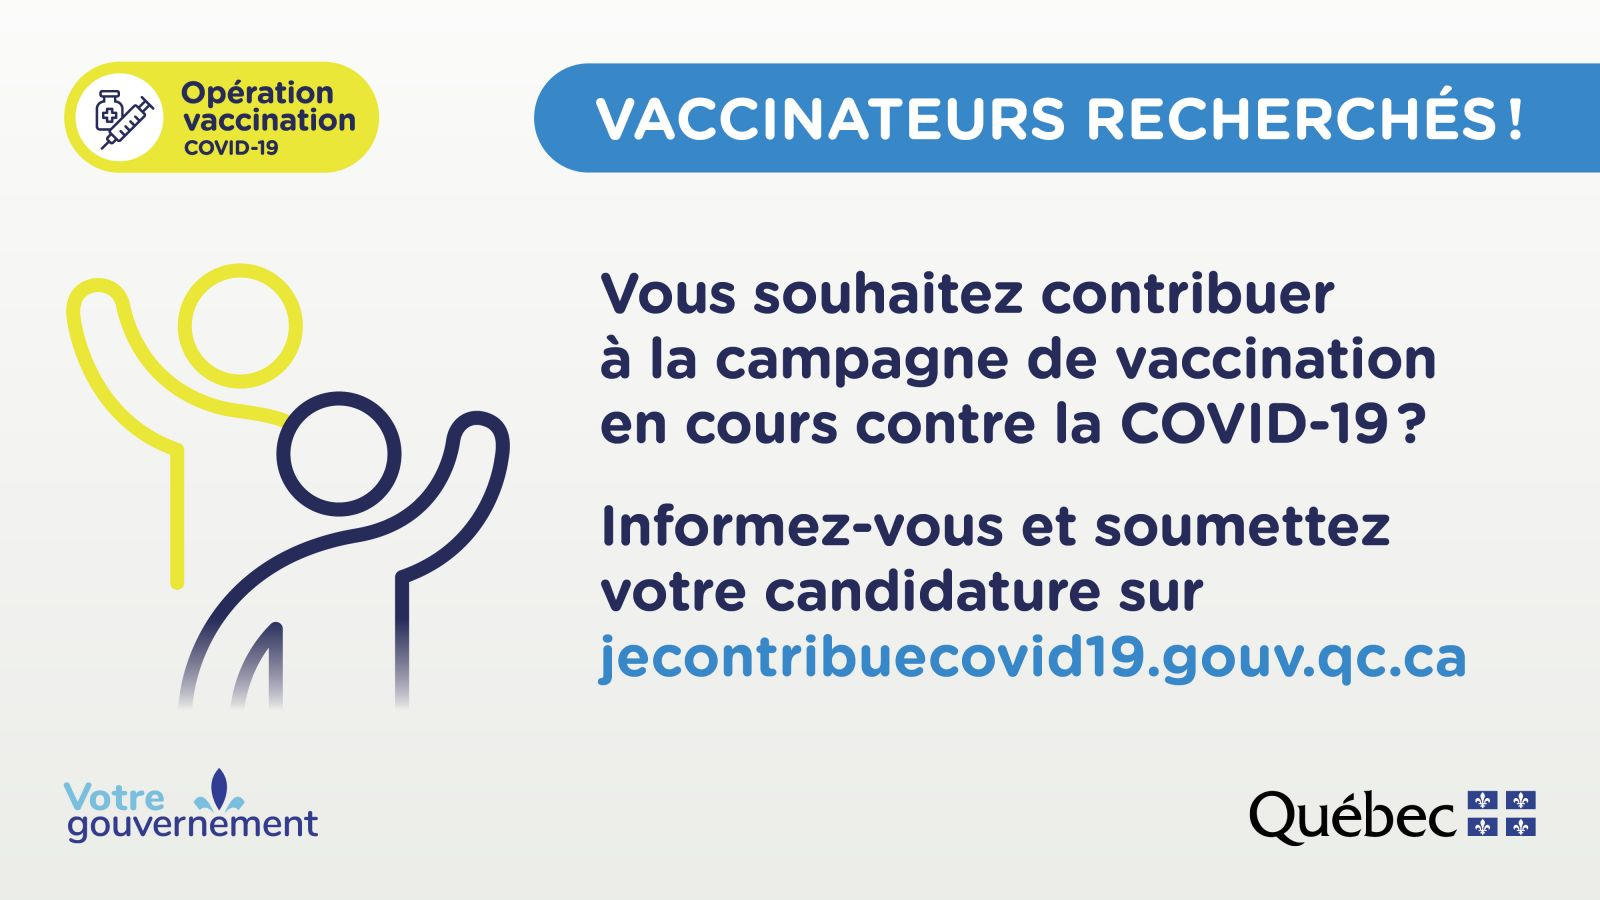 Vaccinateurs recherchés